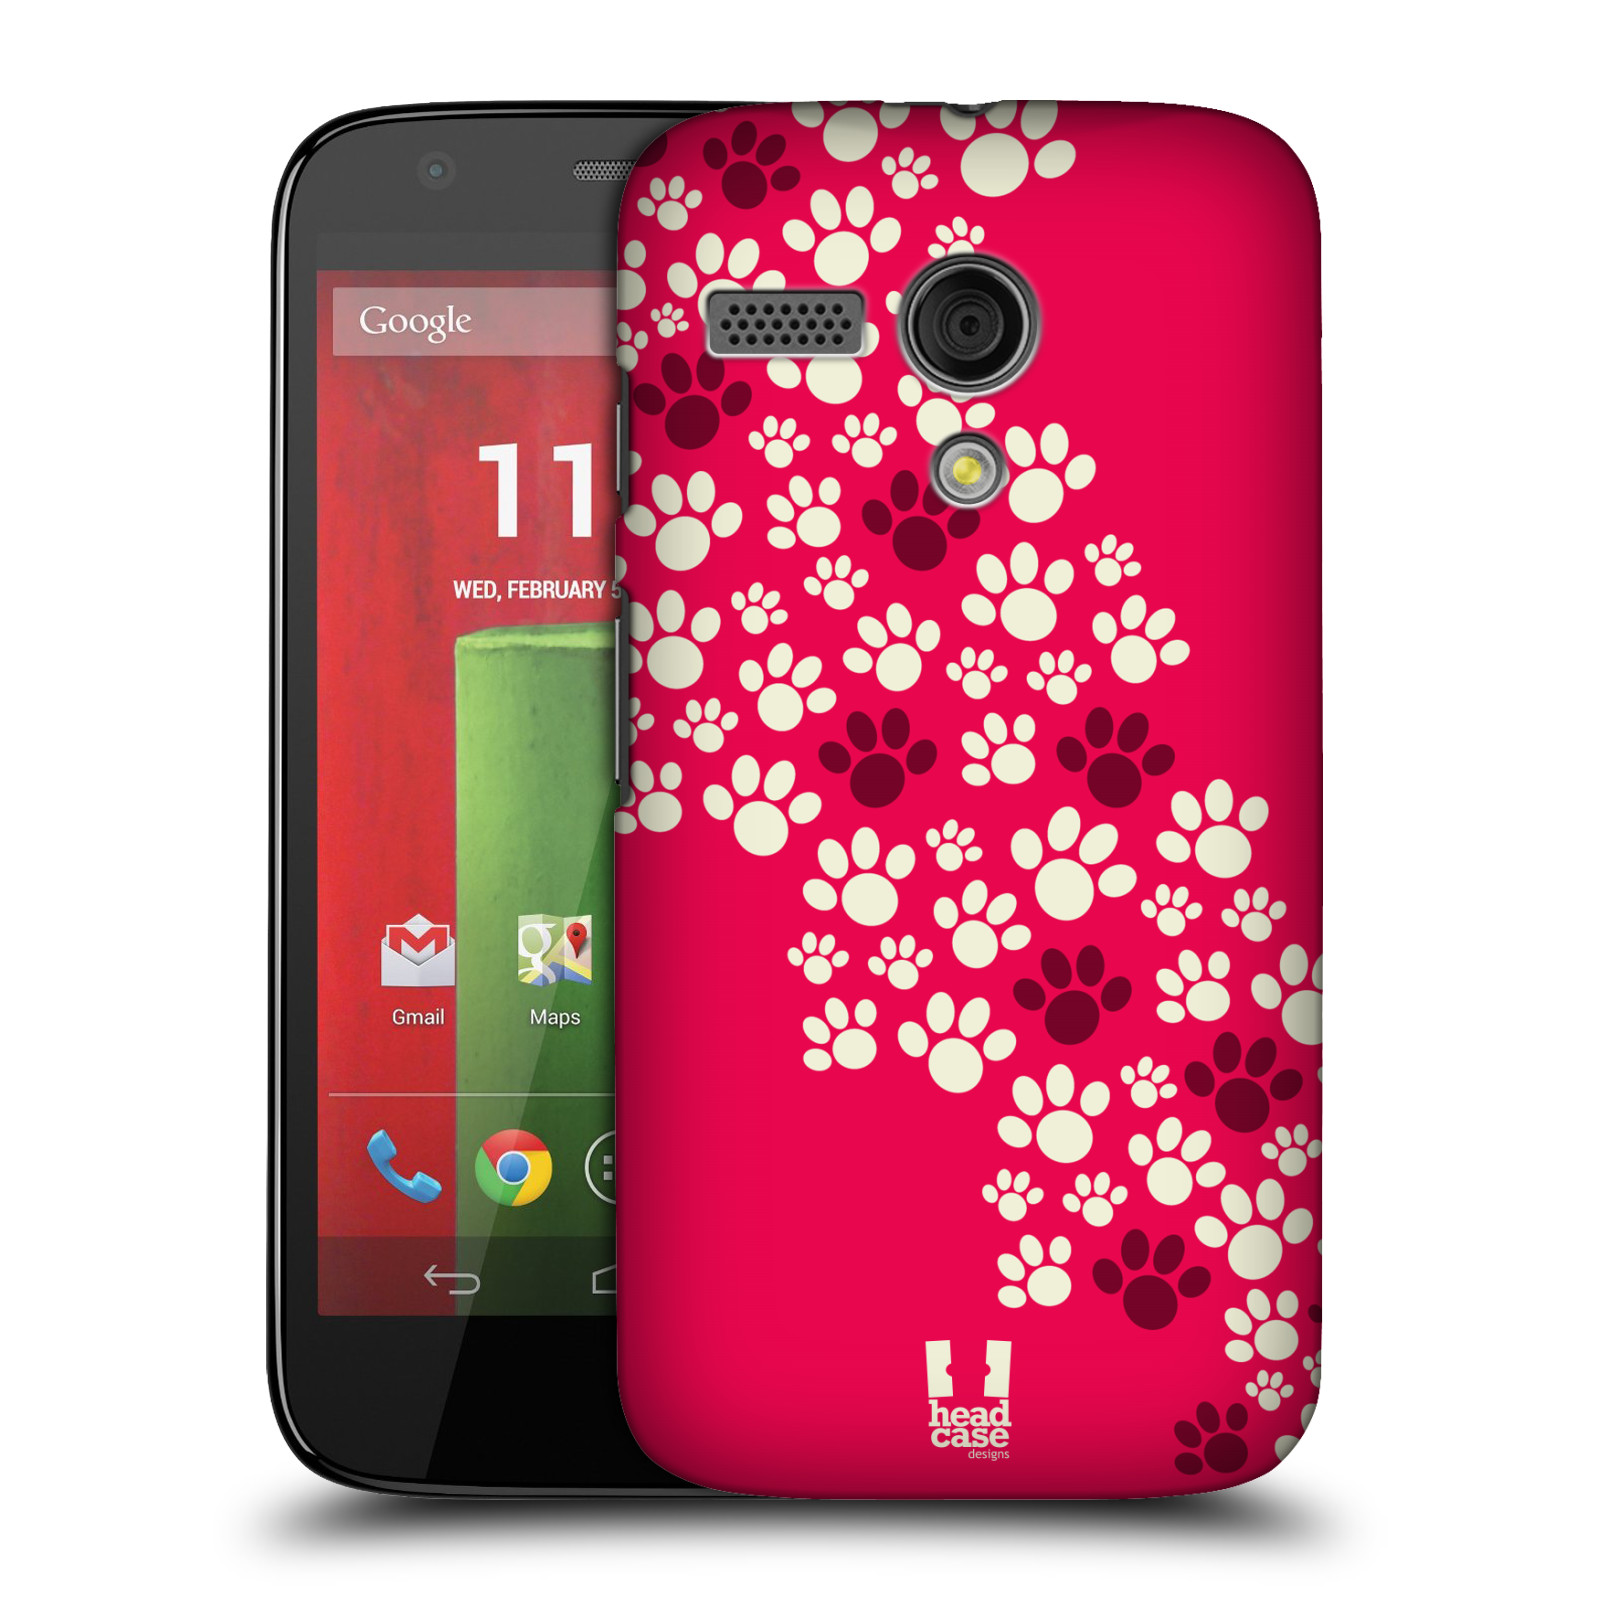 Plastové pouzdro na mobil Motorola Moto G HEAD CASE TLAPKY RŮŽOVÉ (Kryt či obal na mobilní telefon Motorola Moto G)